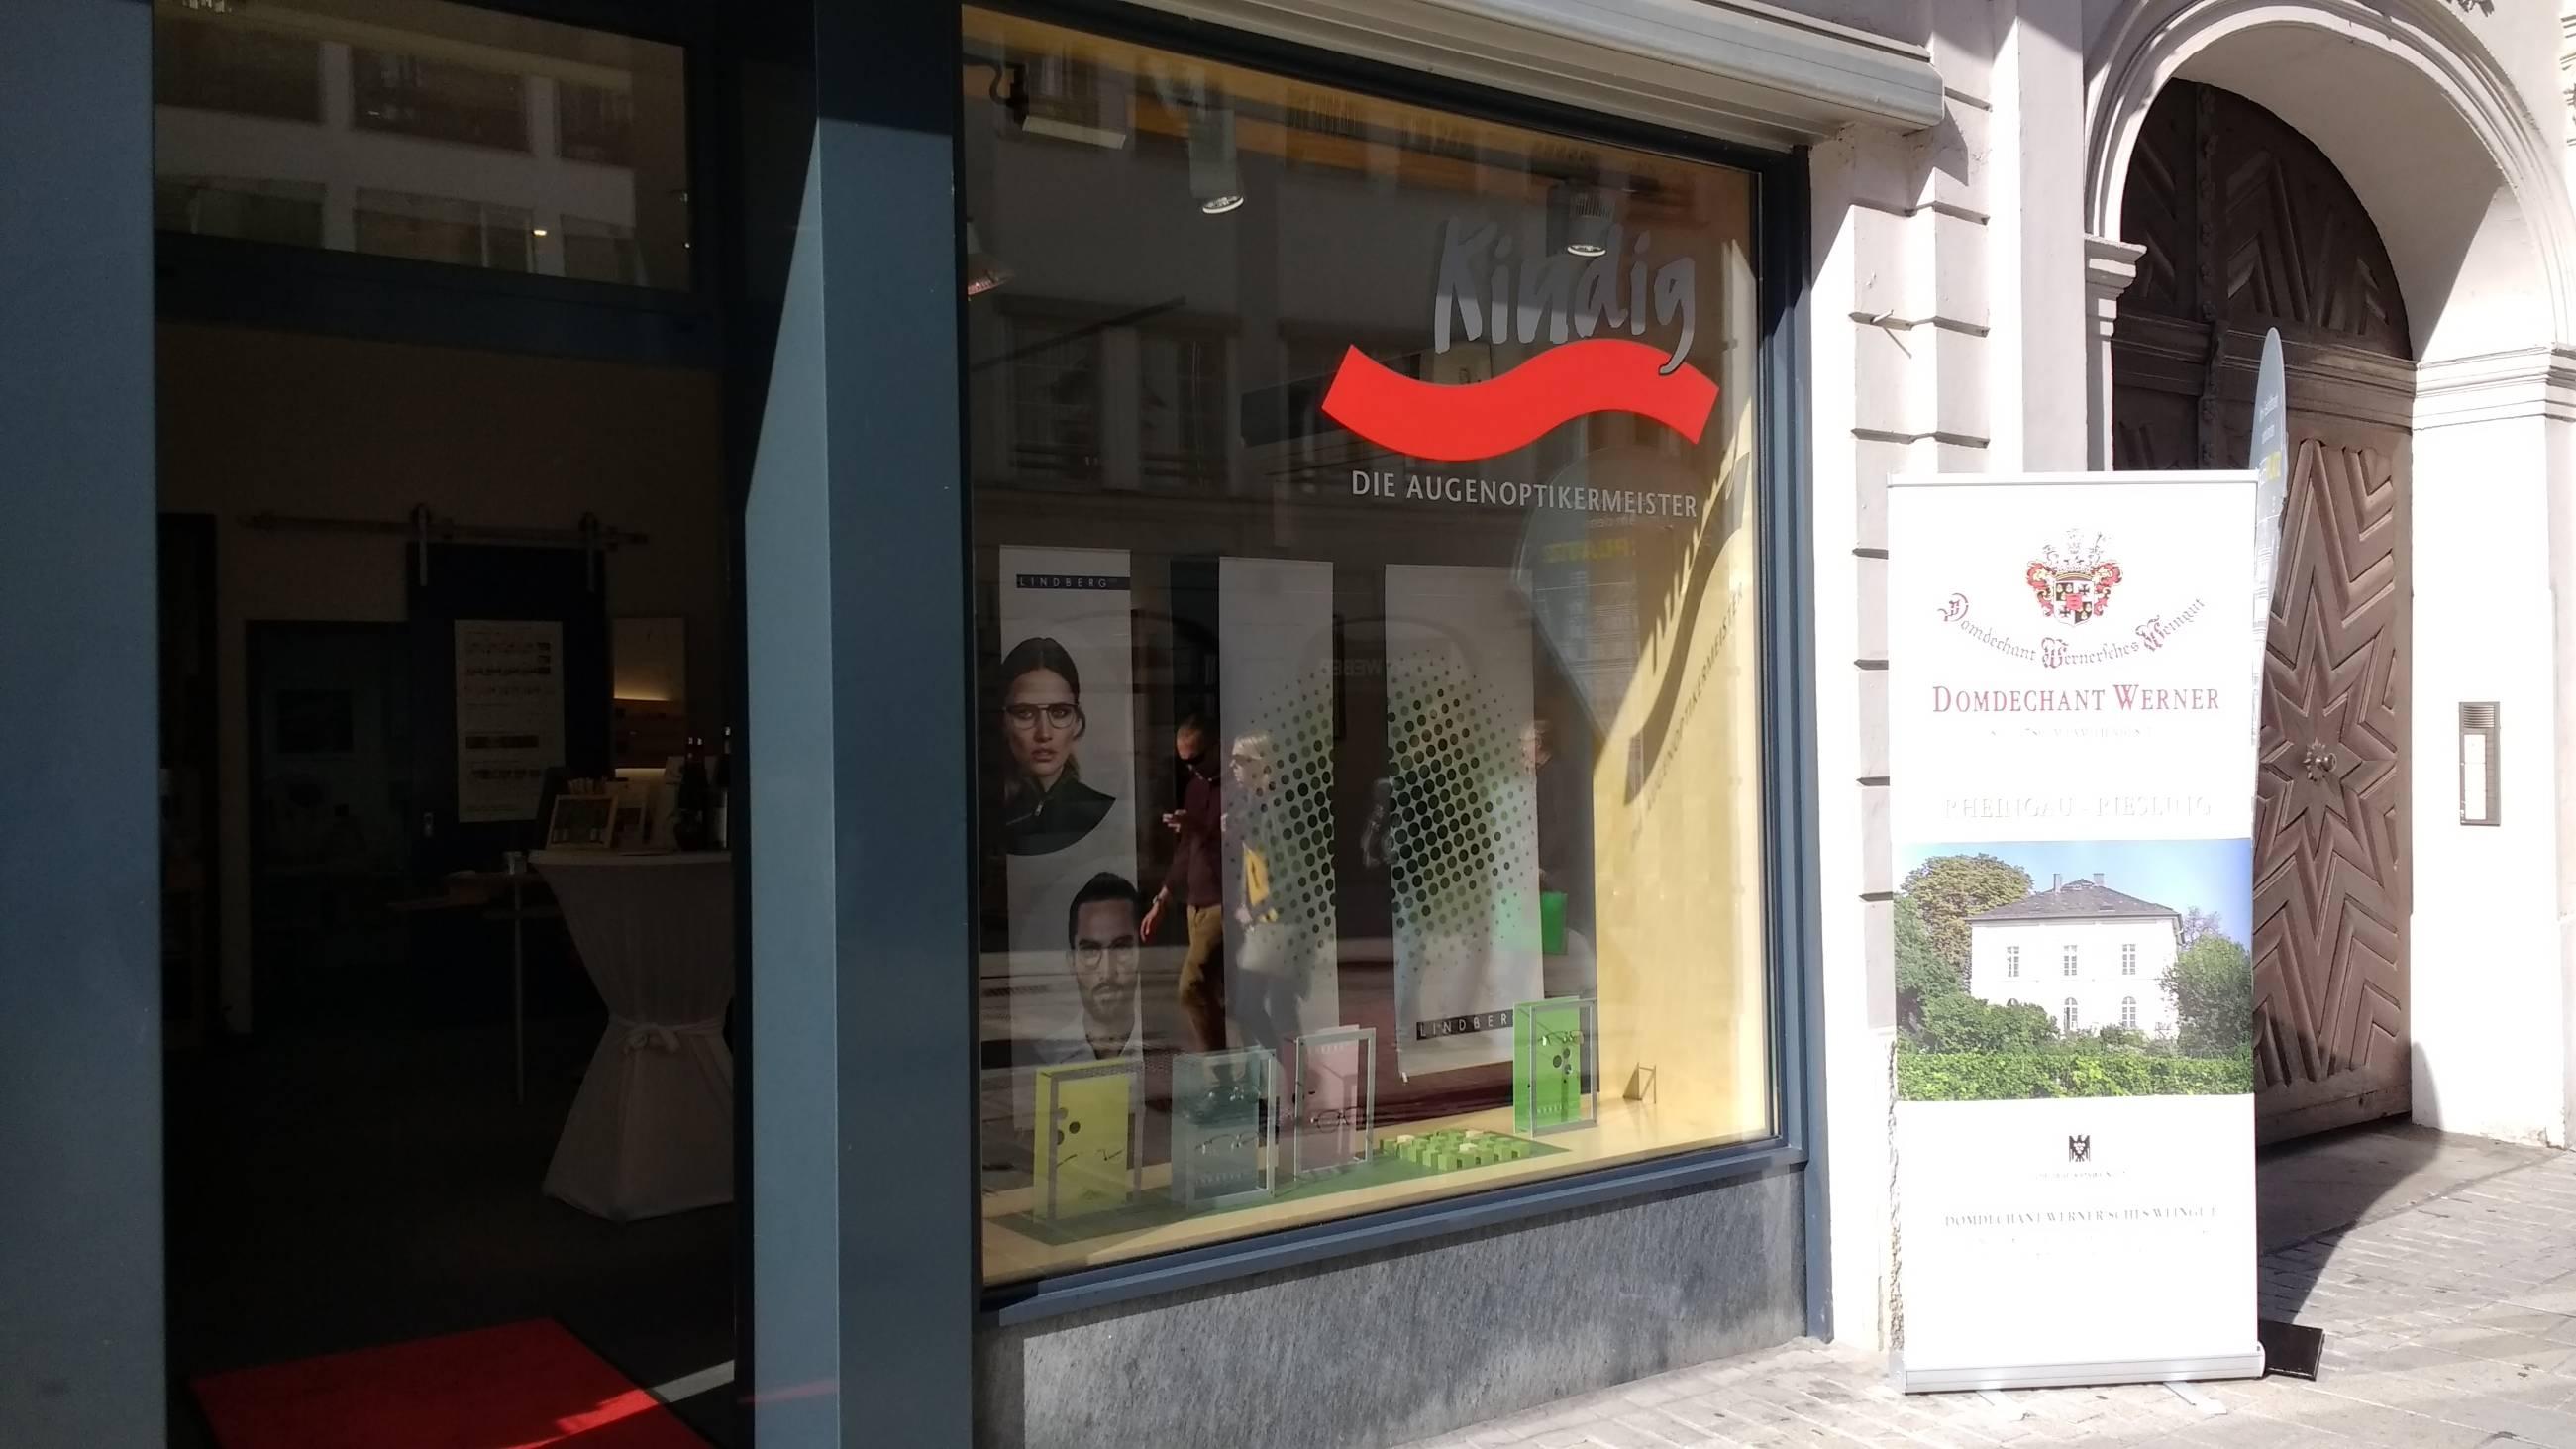 Kindig - Die Augenoptikermeister, seit 25 Jahren die Adresse für gutes Sehen im Herzen von Augsburg